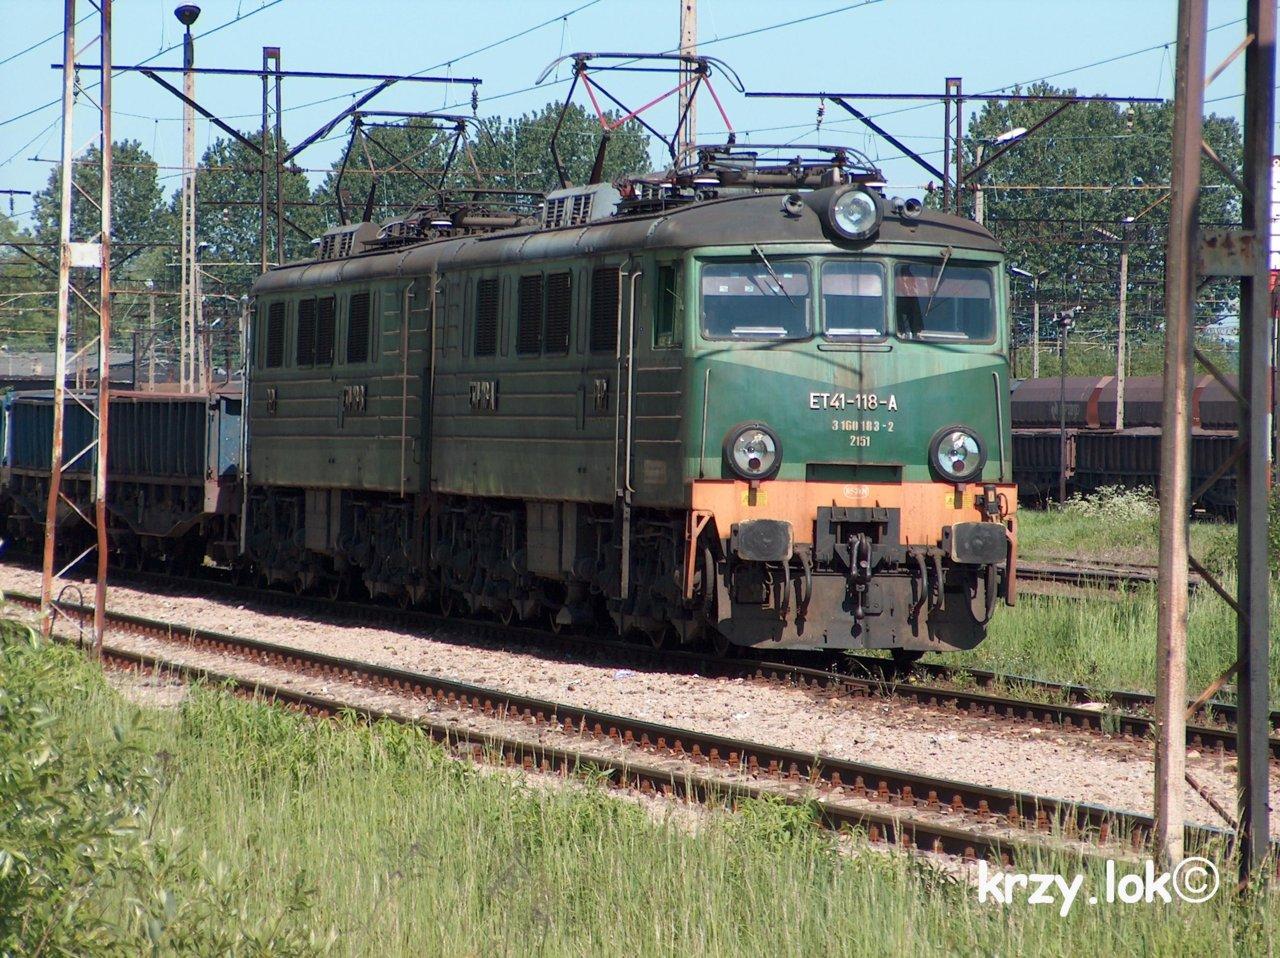 HPIM5445.JPG